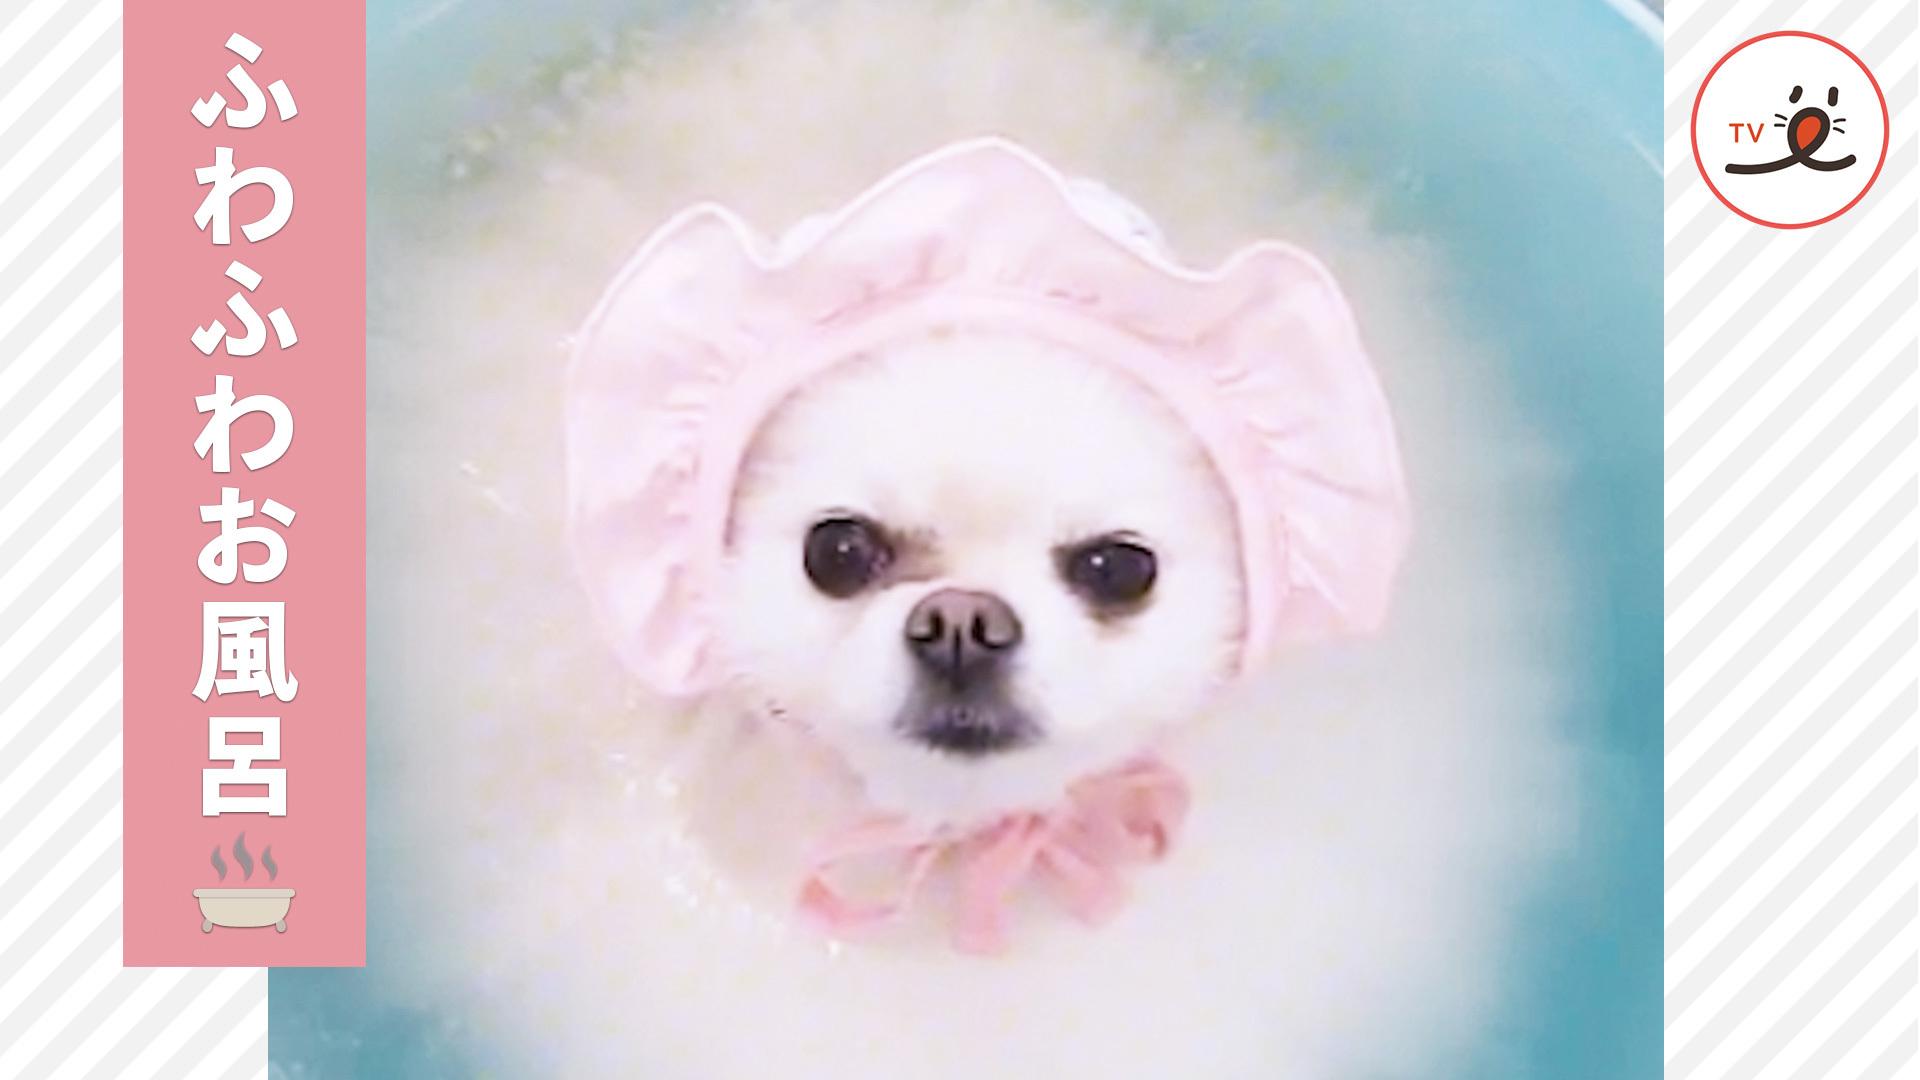 お風呂でネムネム🛁 うっとり気持ち良さそうなワンちゃん🐶✨